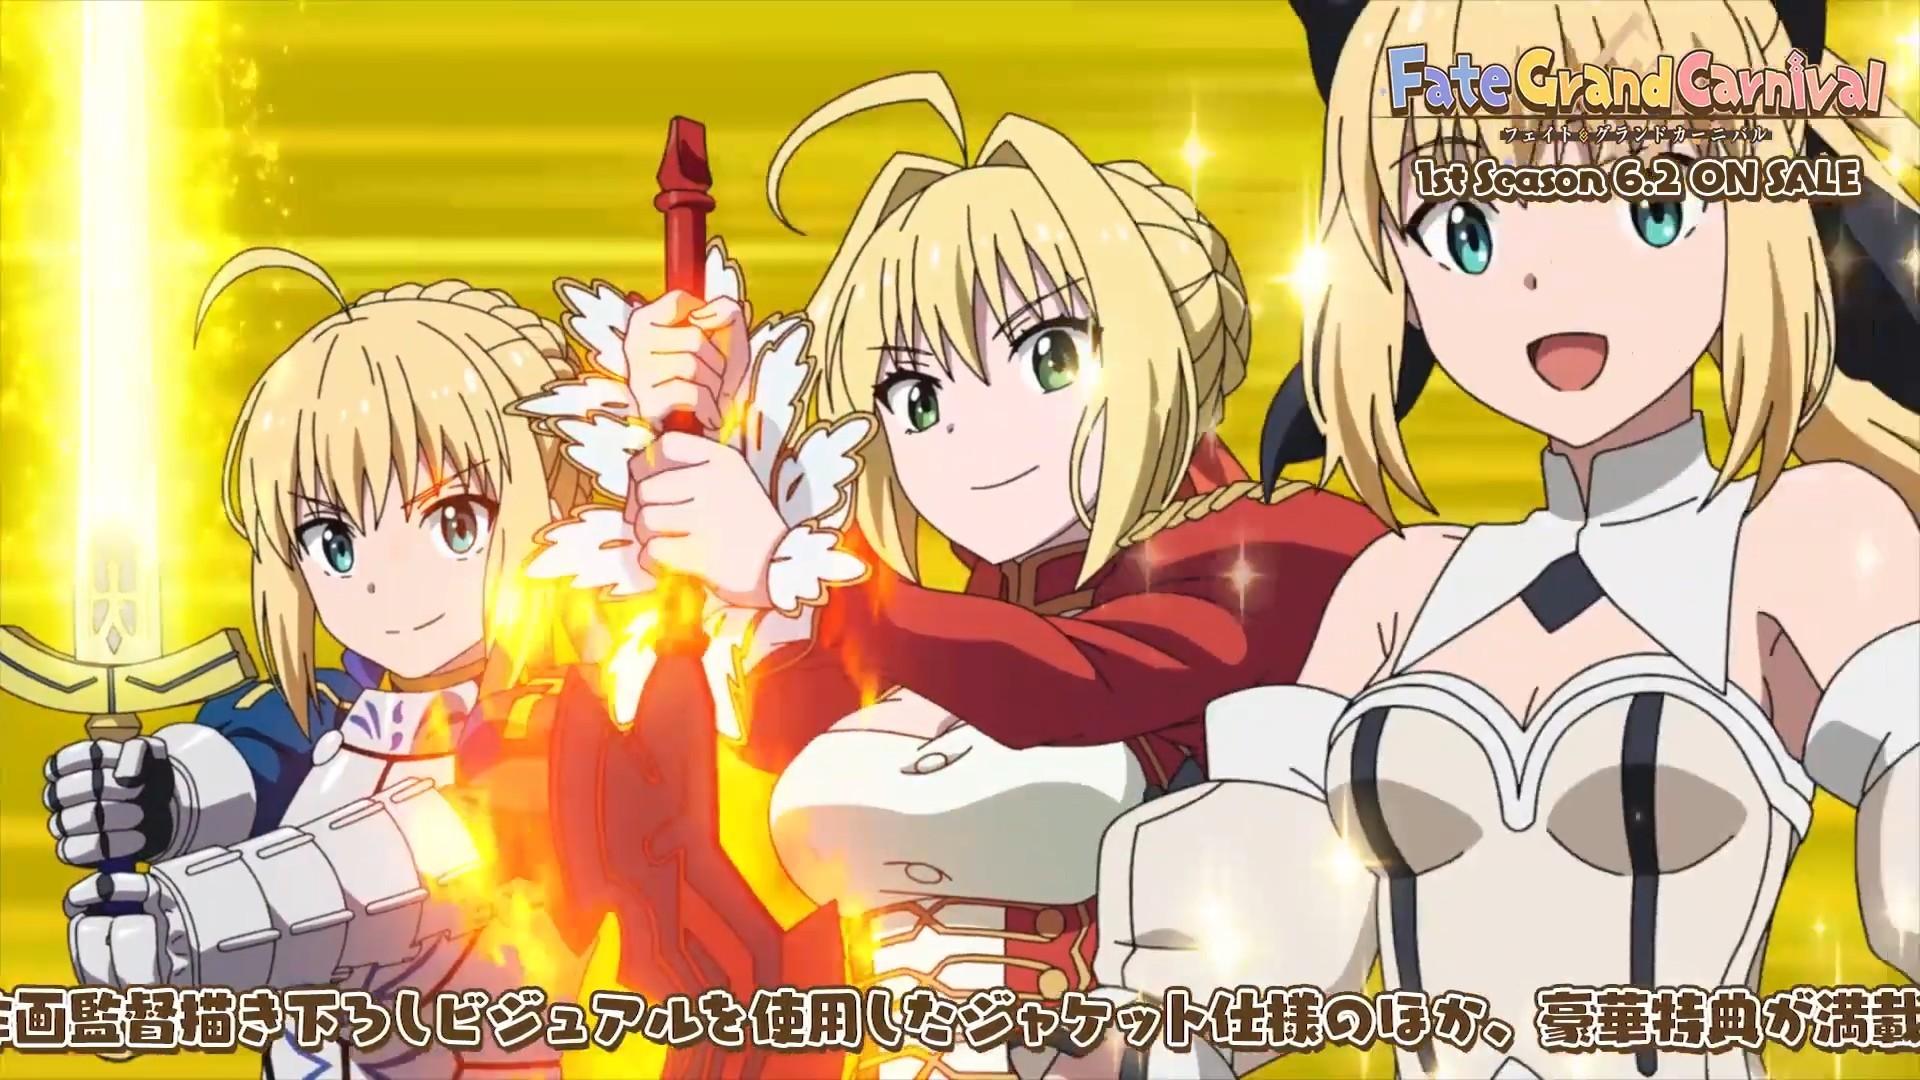 OVA动画「Fate/Grand Carnival」今天6月2日发售,片头曲影像公开